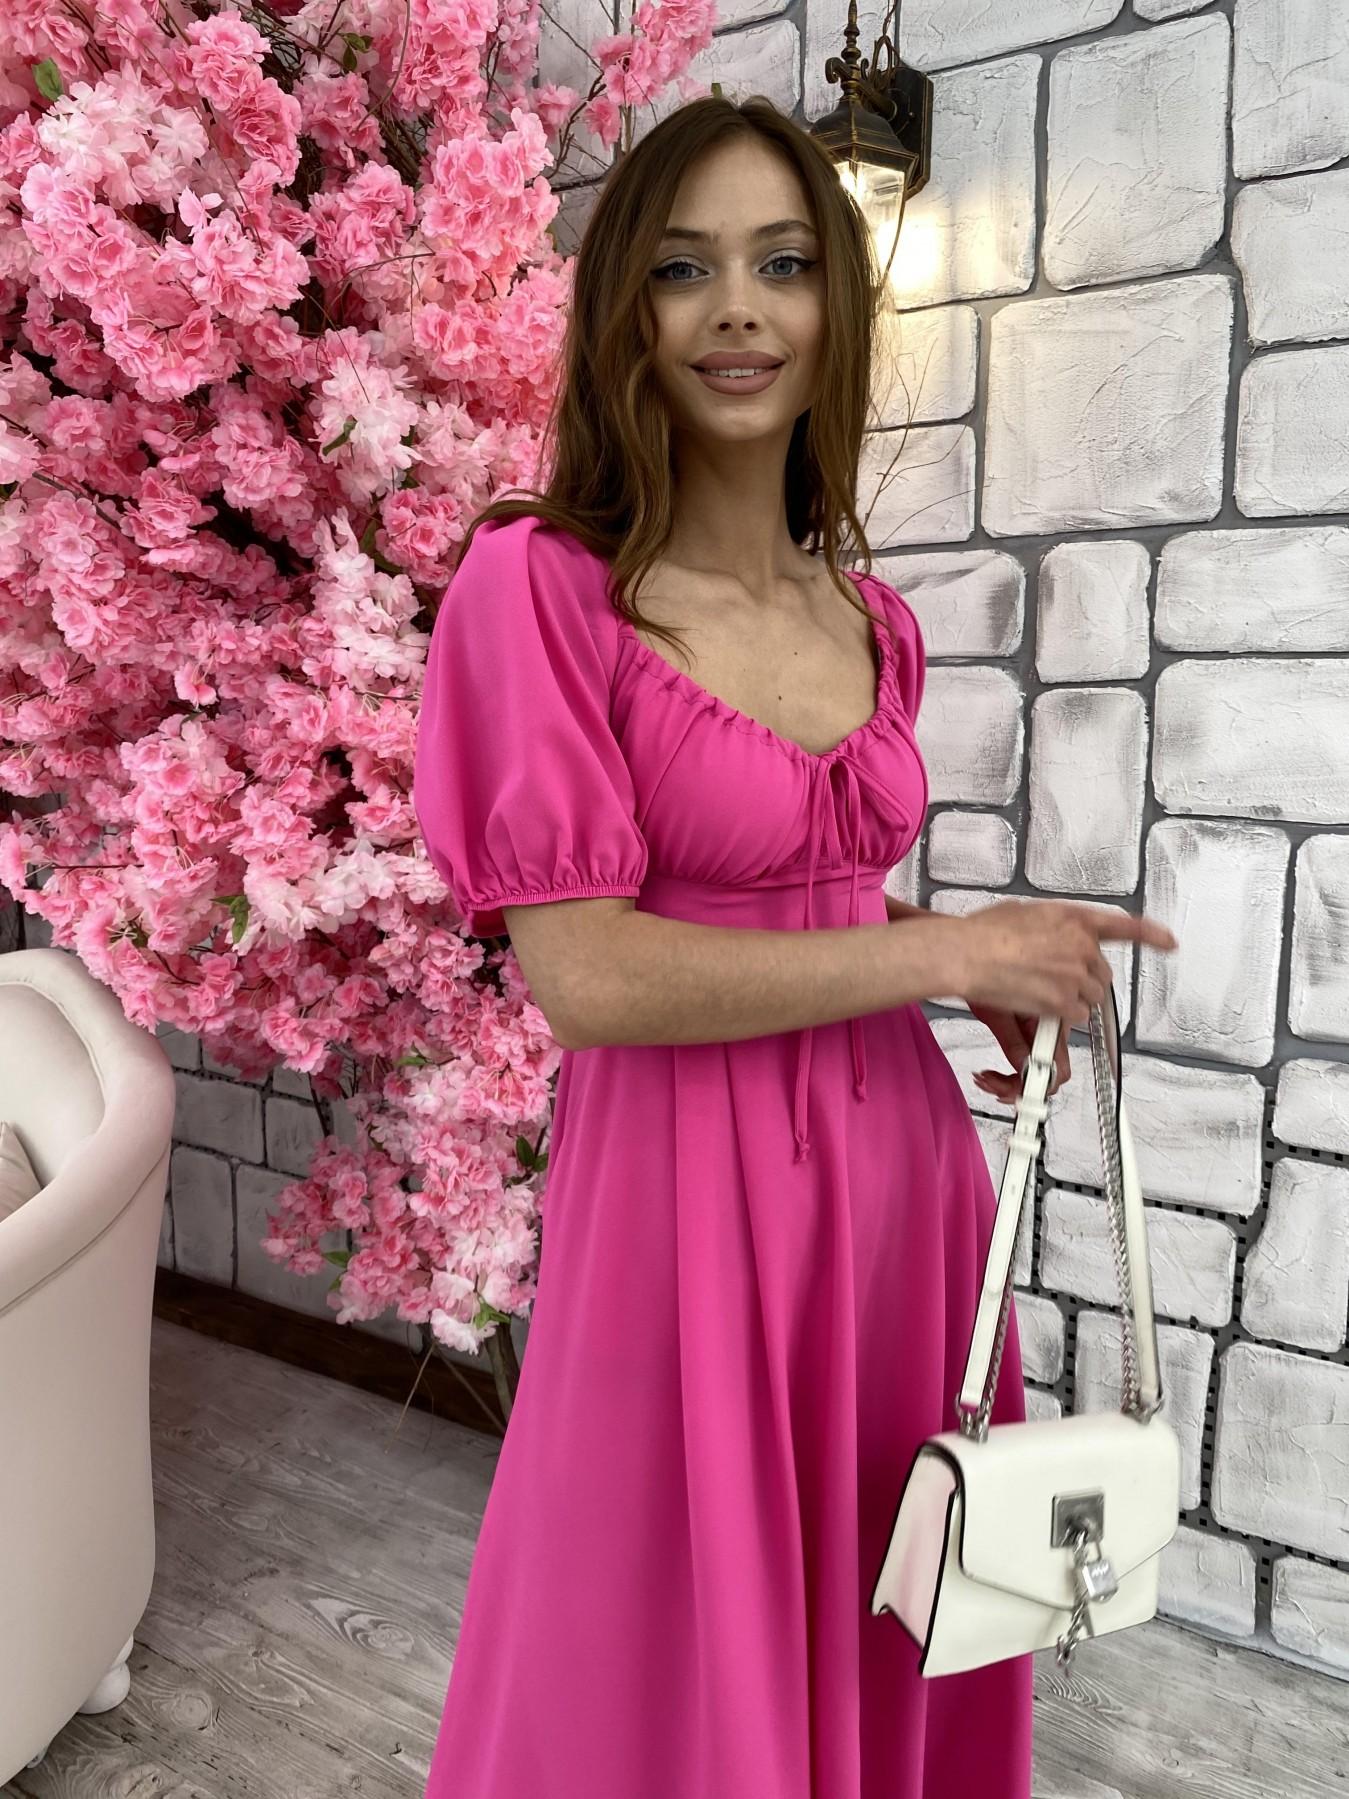 Кисес Миди платье из шифона креп 11443 АРТ. 48015 Цвет: Малиновый - фото 5, интернет магазин tm-modus.ru